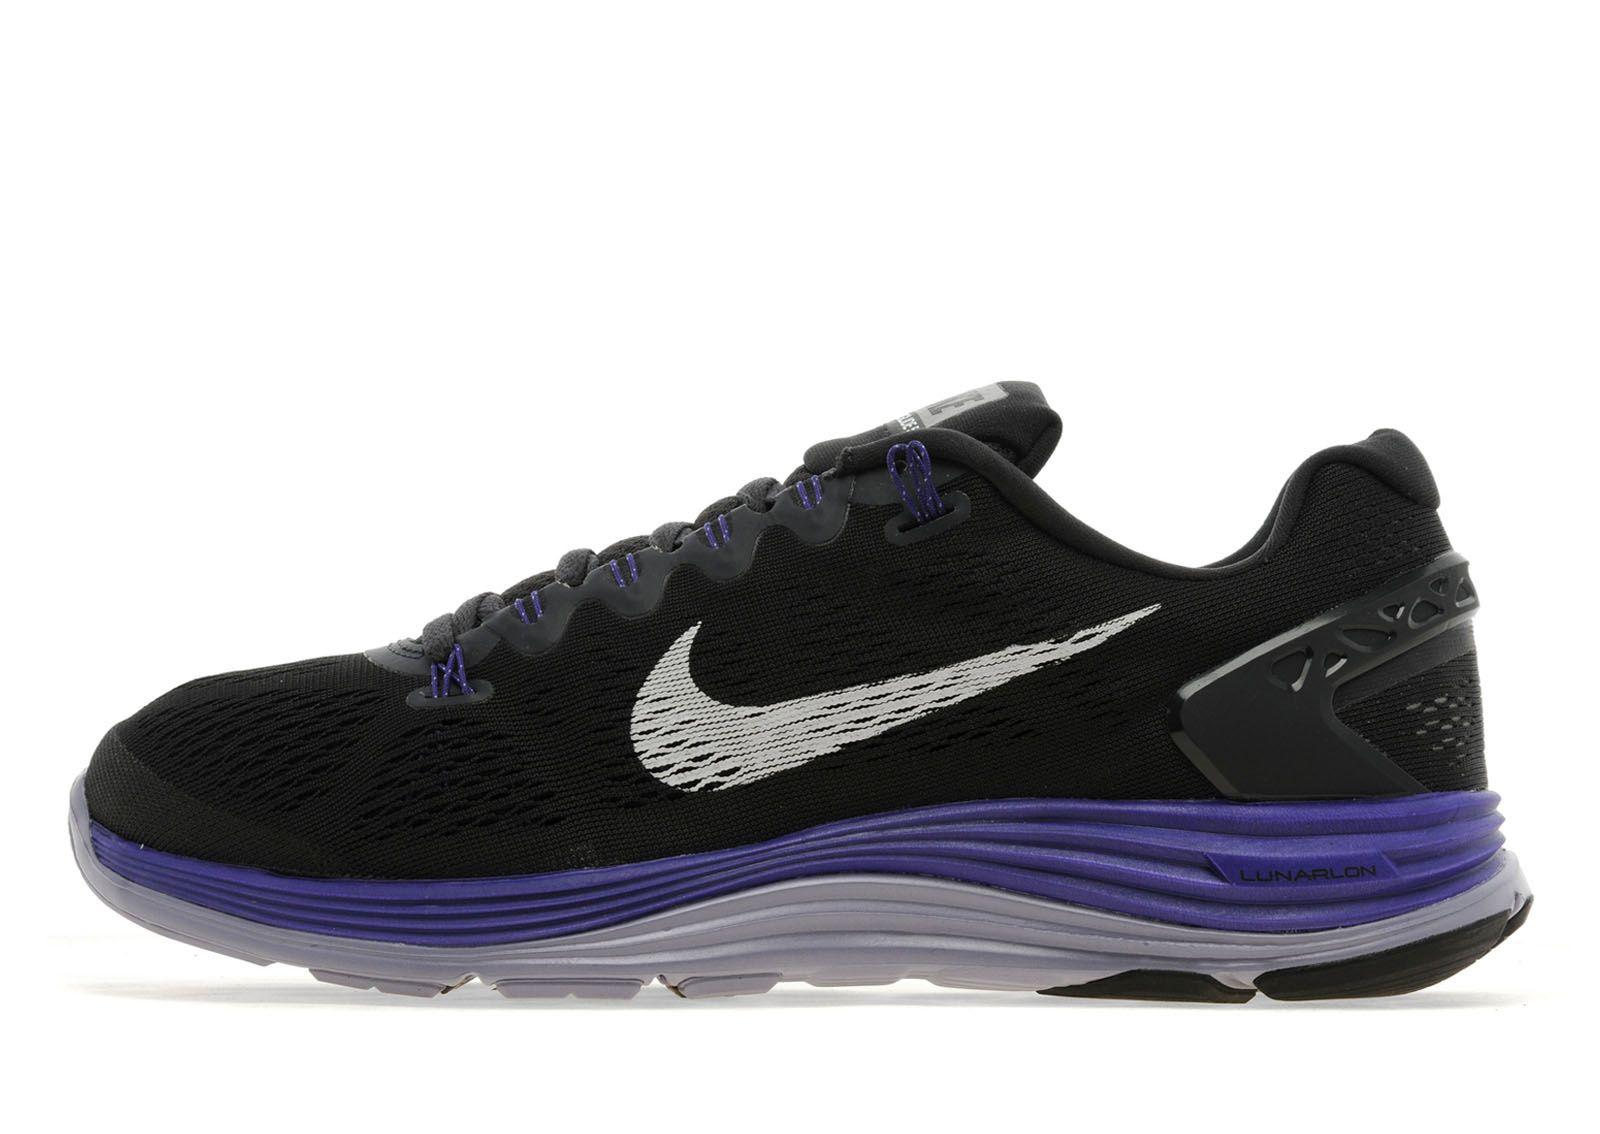 Nike Lunarglide+ 5